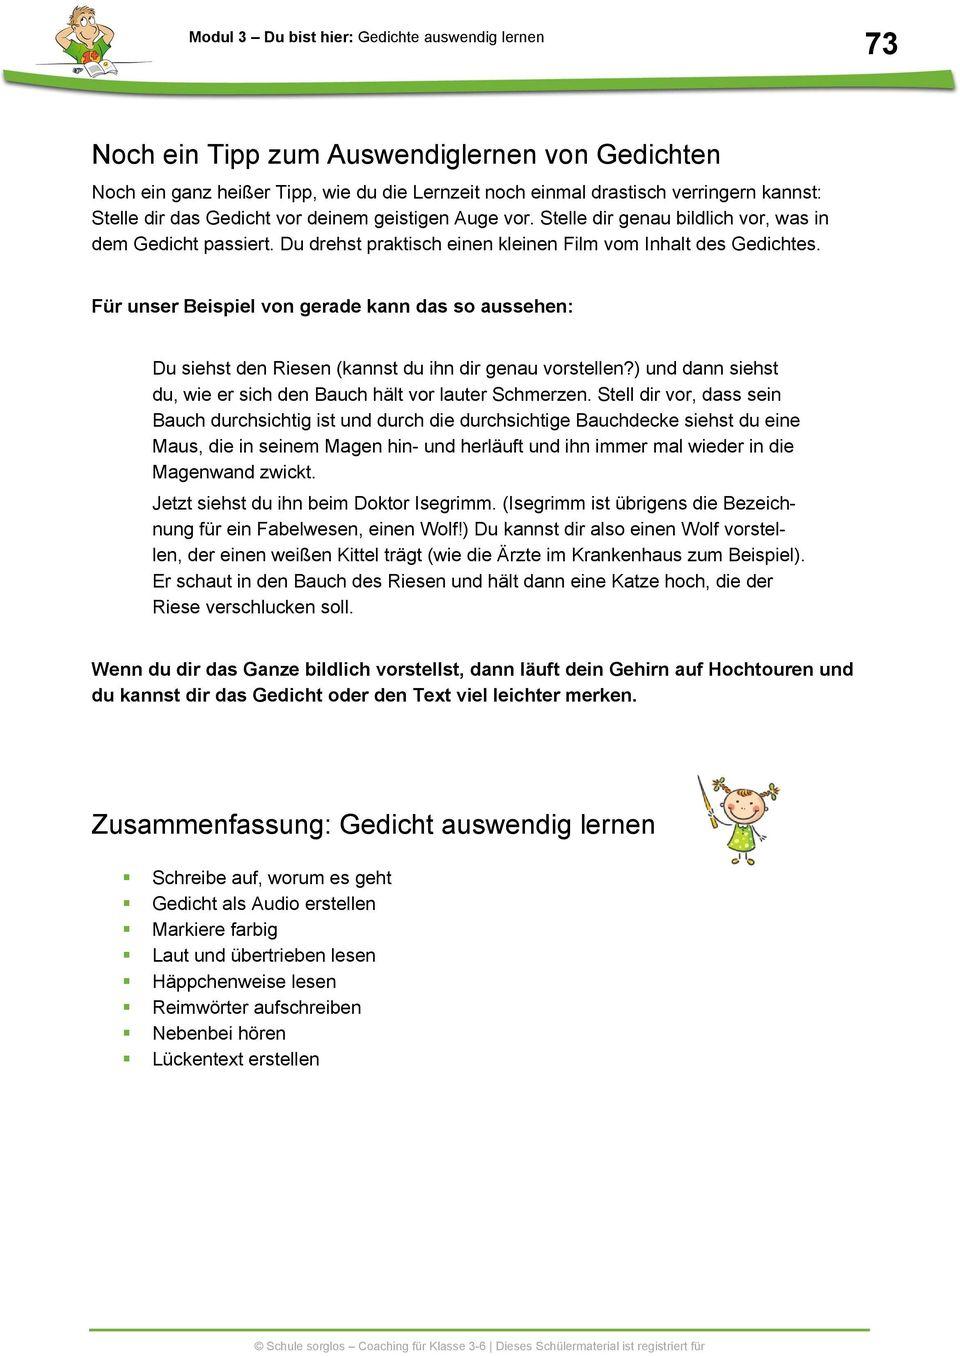 Gedichte Auswendig Lernen - Pdf Free Download verwandt mit Gedichte Zum Auswendig Lernen 5 Klasse